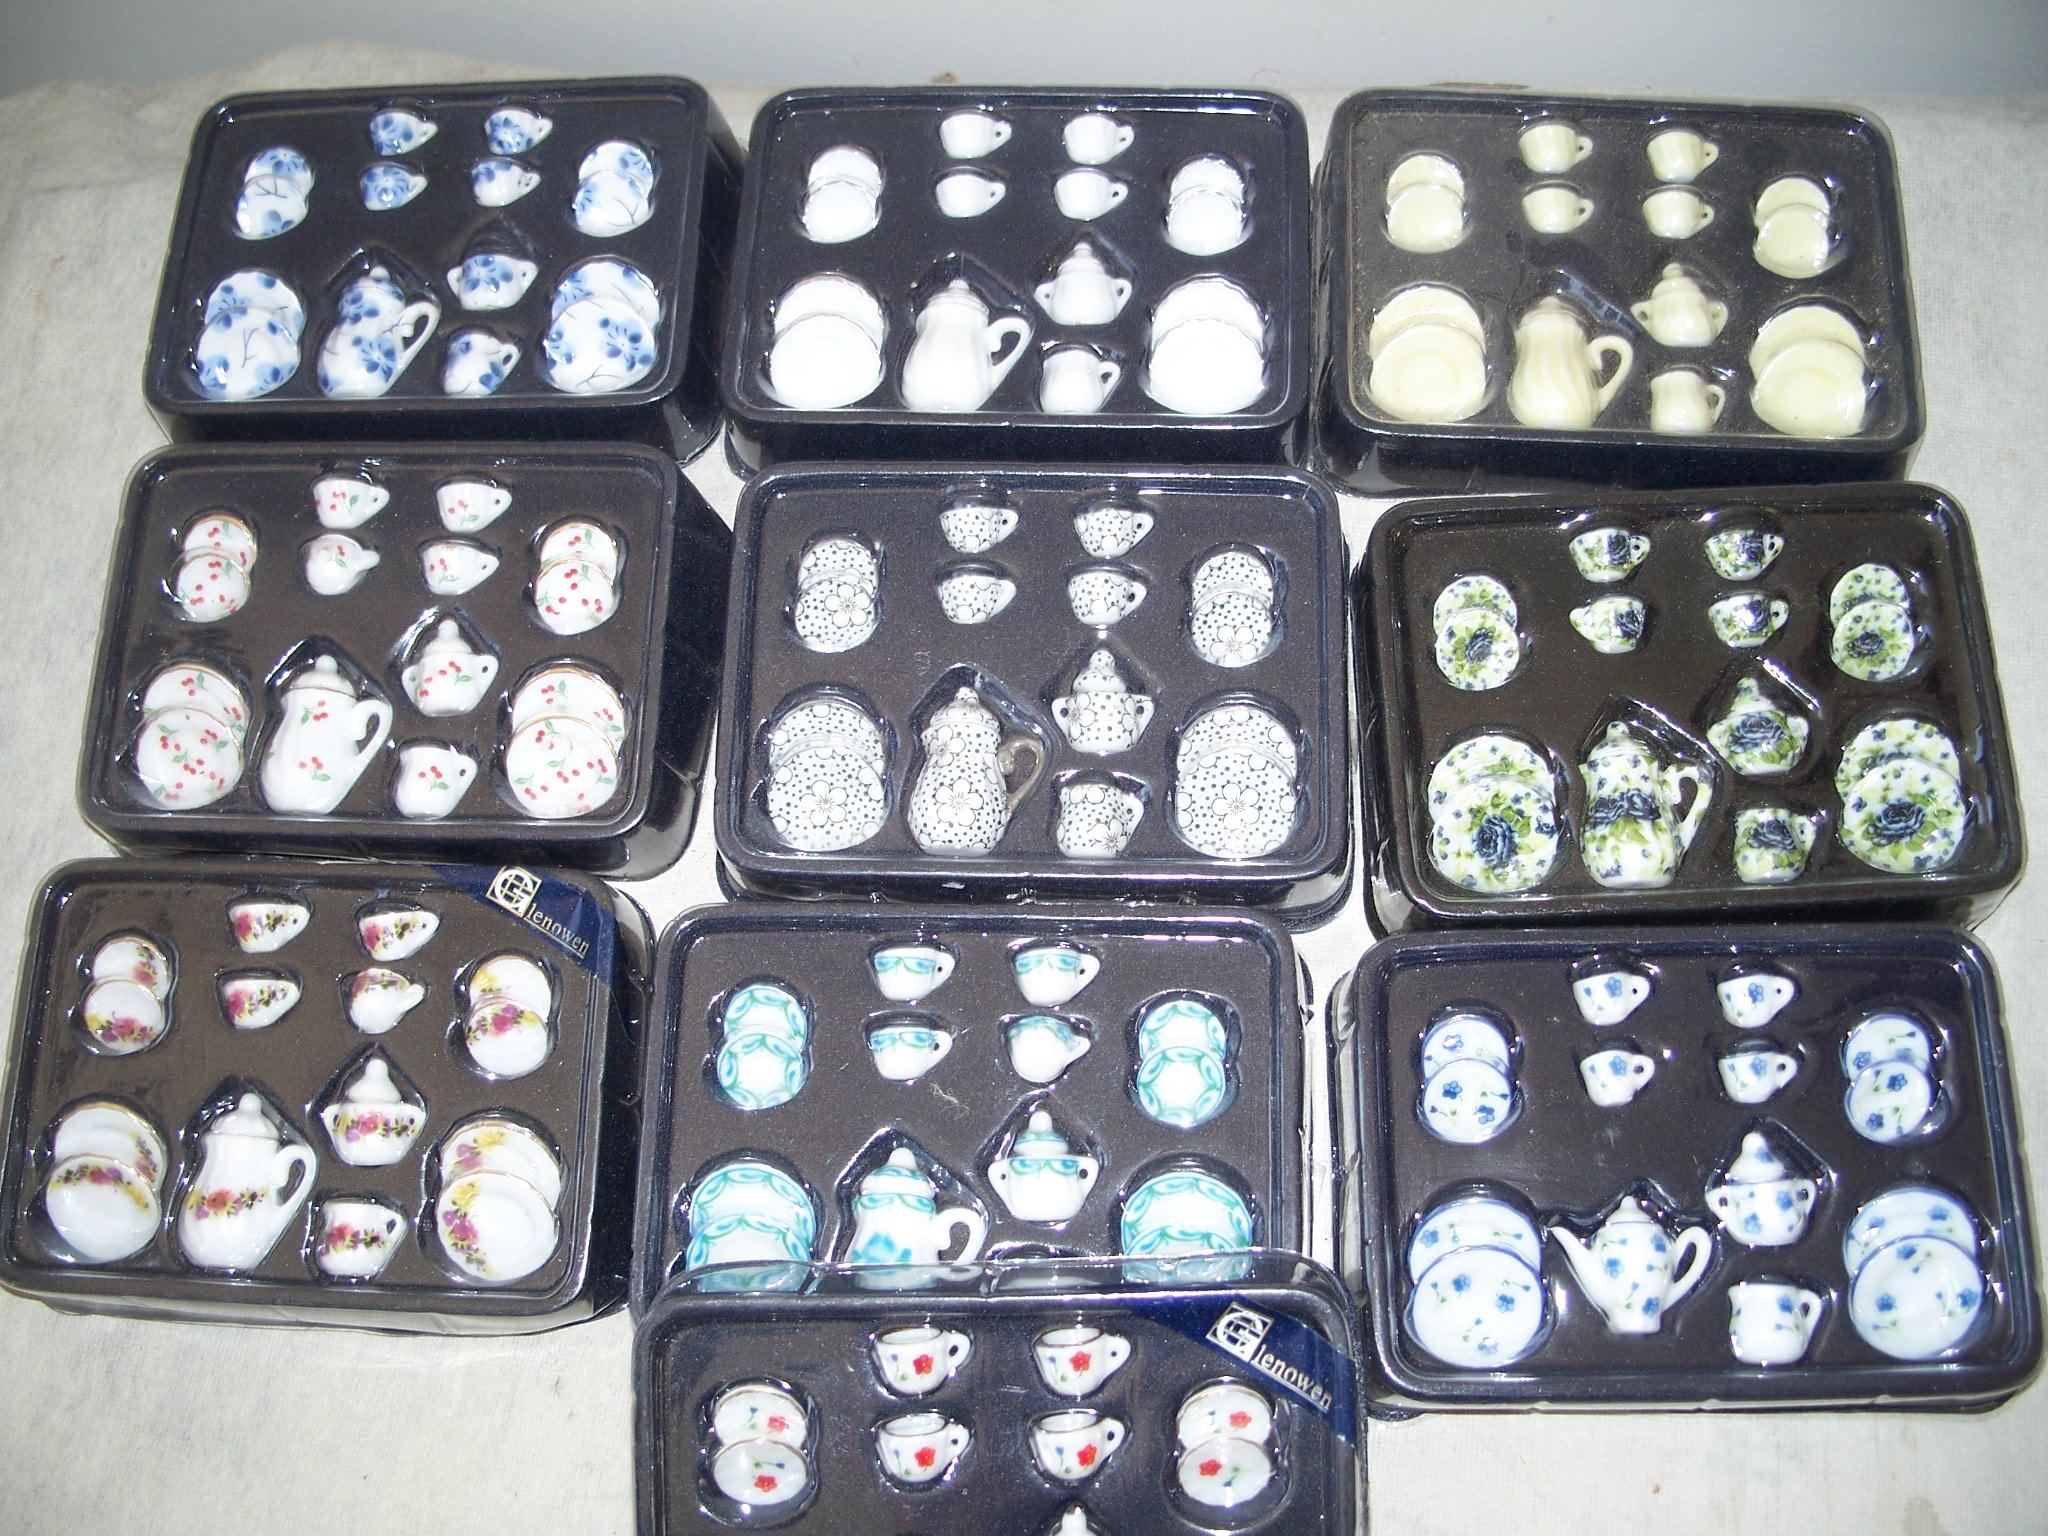 17 Piece Porcelain Tea Sets